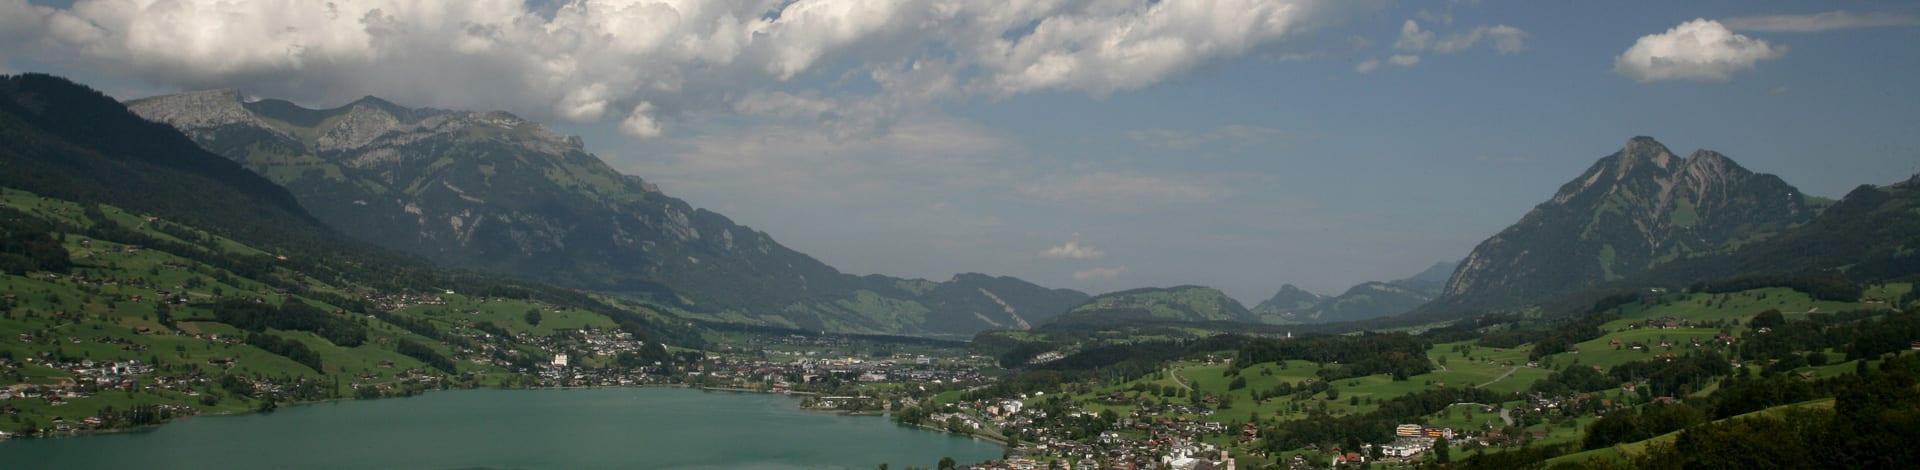 le montagne di Obvaldo e Nidvaldo